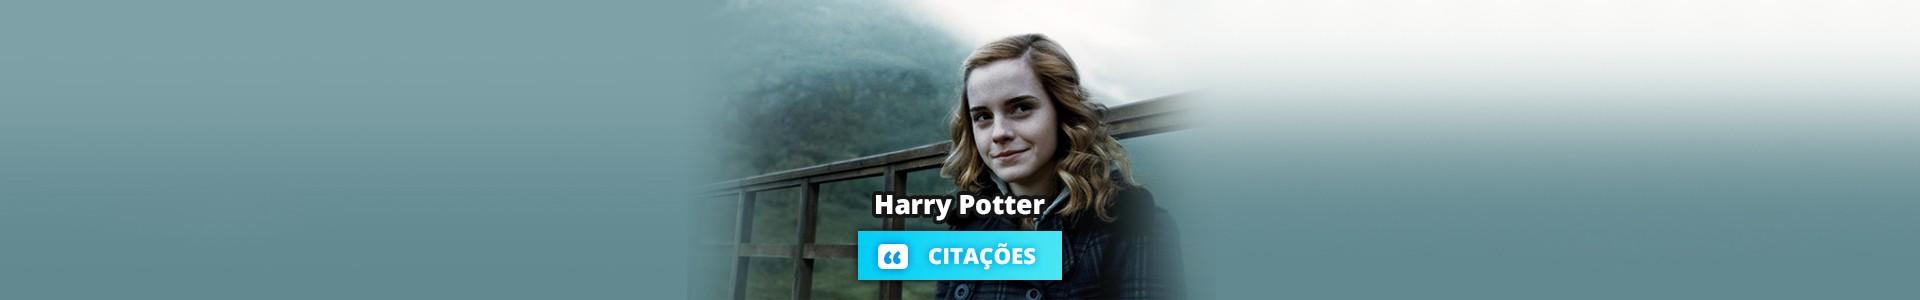 15 Melhores frases e citações de Harry Potter